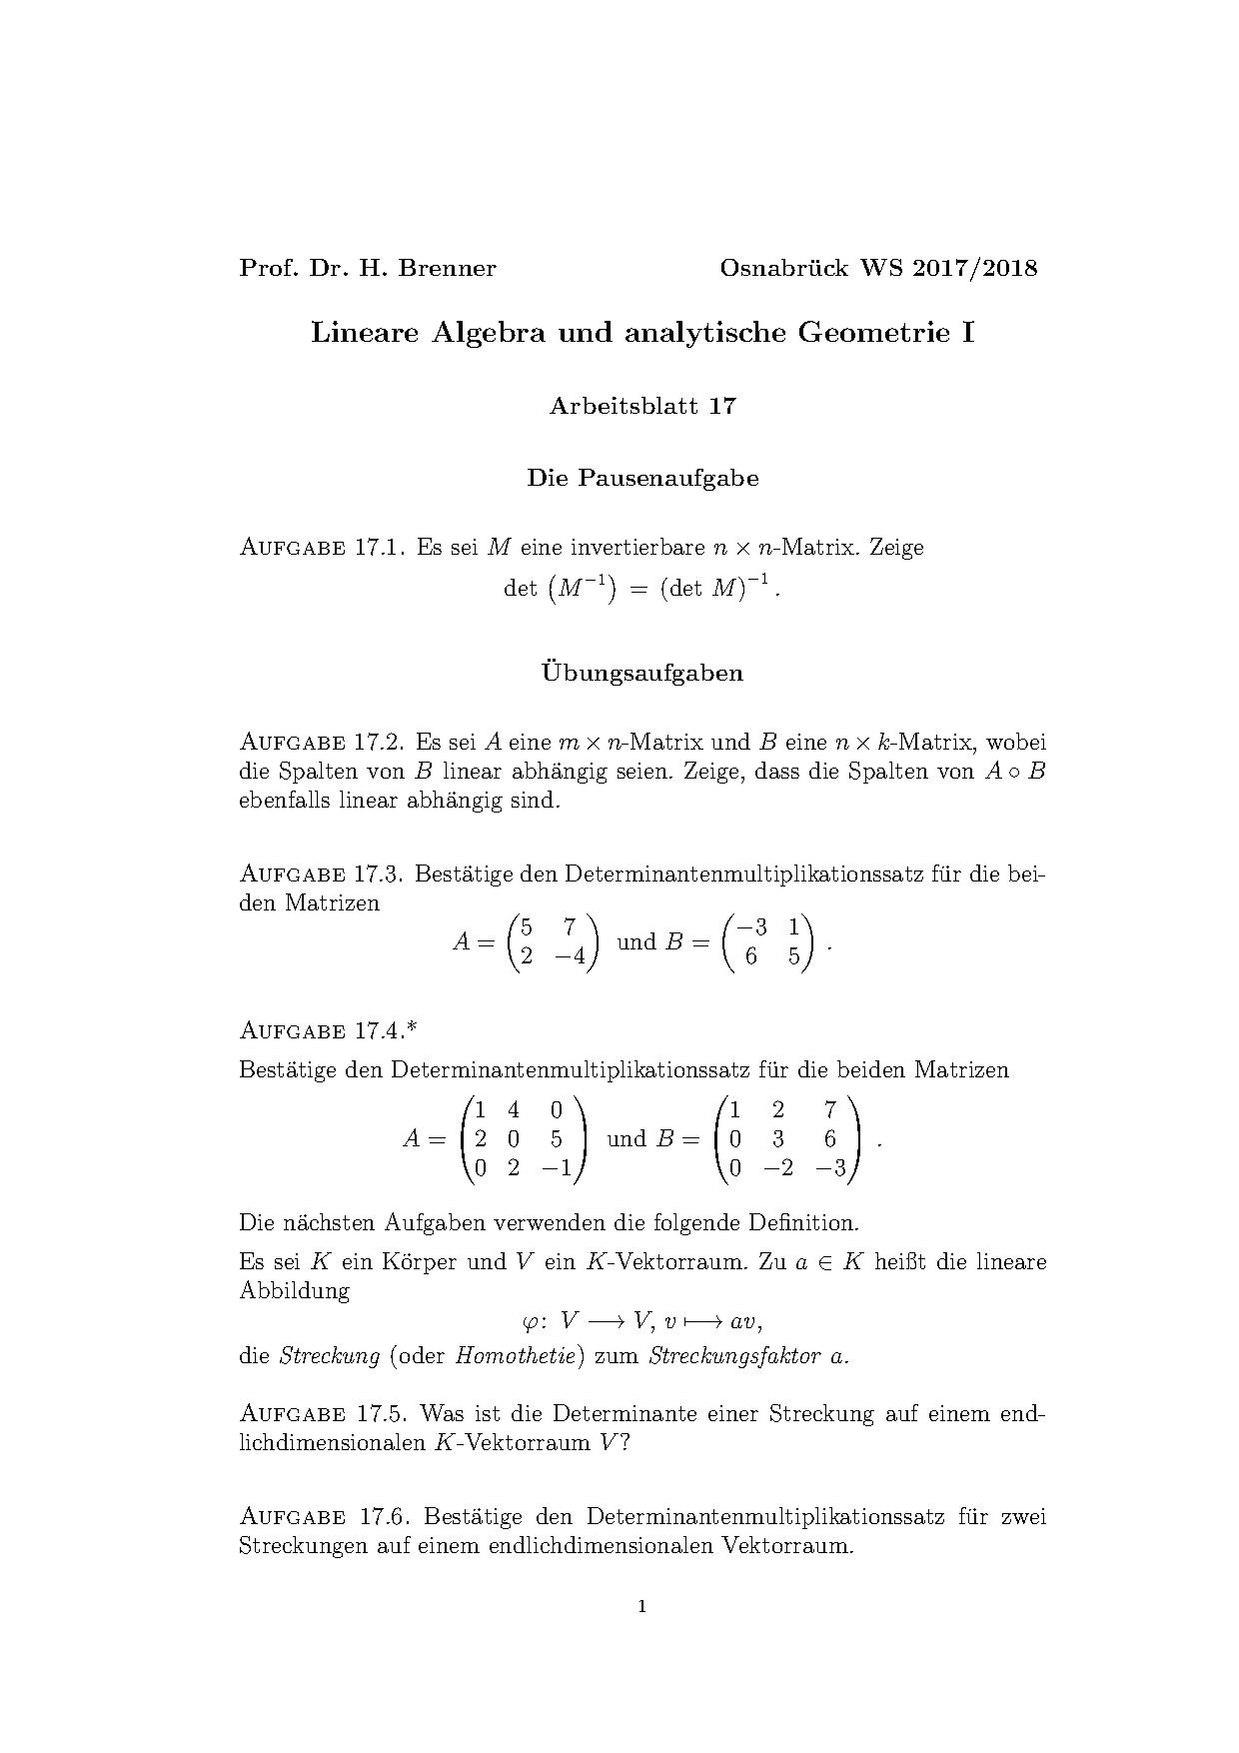 Schön Algebra Fliesen Vorlage Fotos - Beispielzusammenfassung Ideen ...